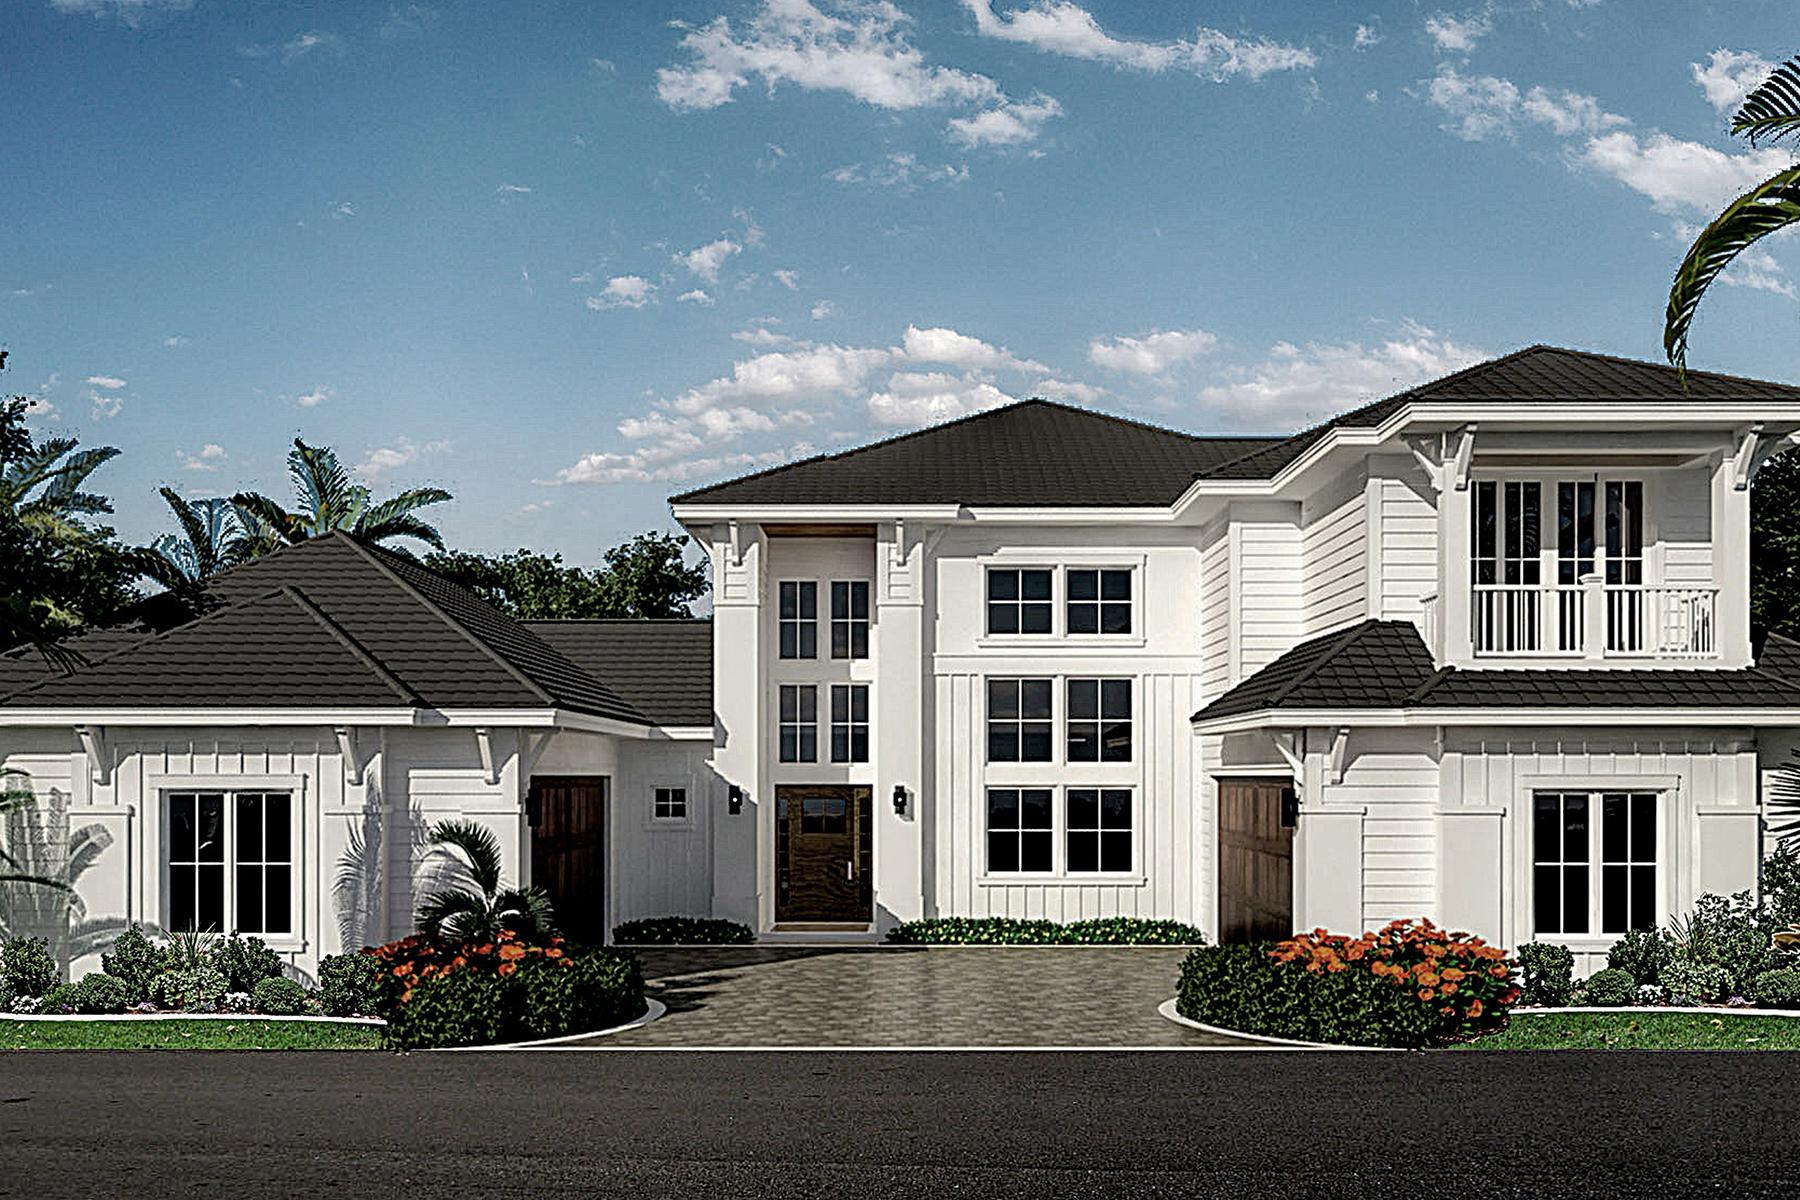 一戸建て のために 売買 アット 9185 Mercato Way, Naples, fl 34108 9185 Mercato Way Naples, フロリダ, 34108 アメリカ合衆国